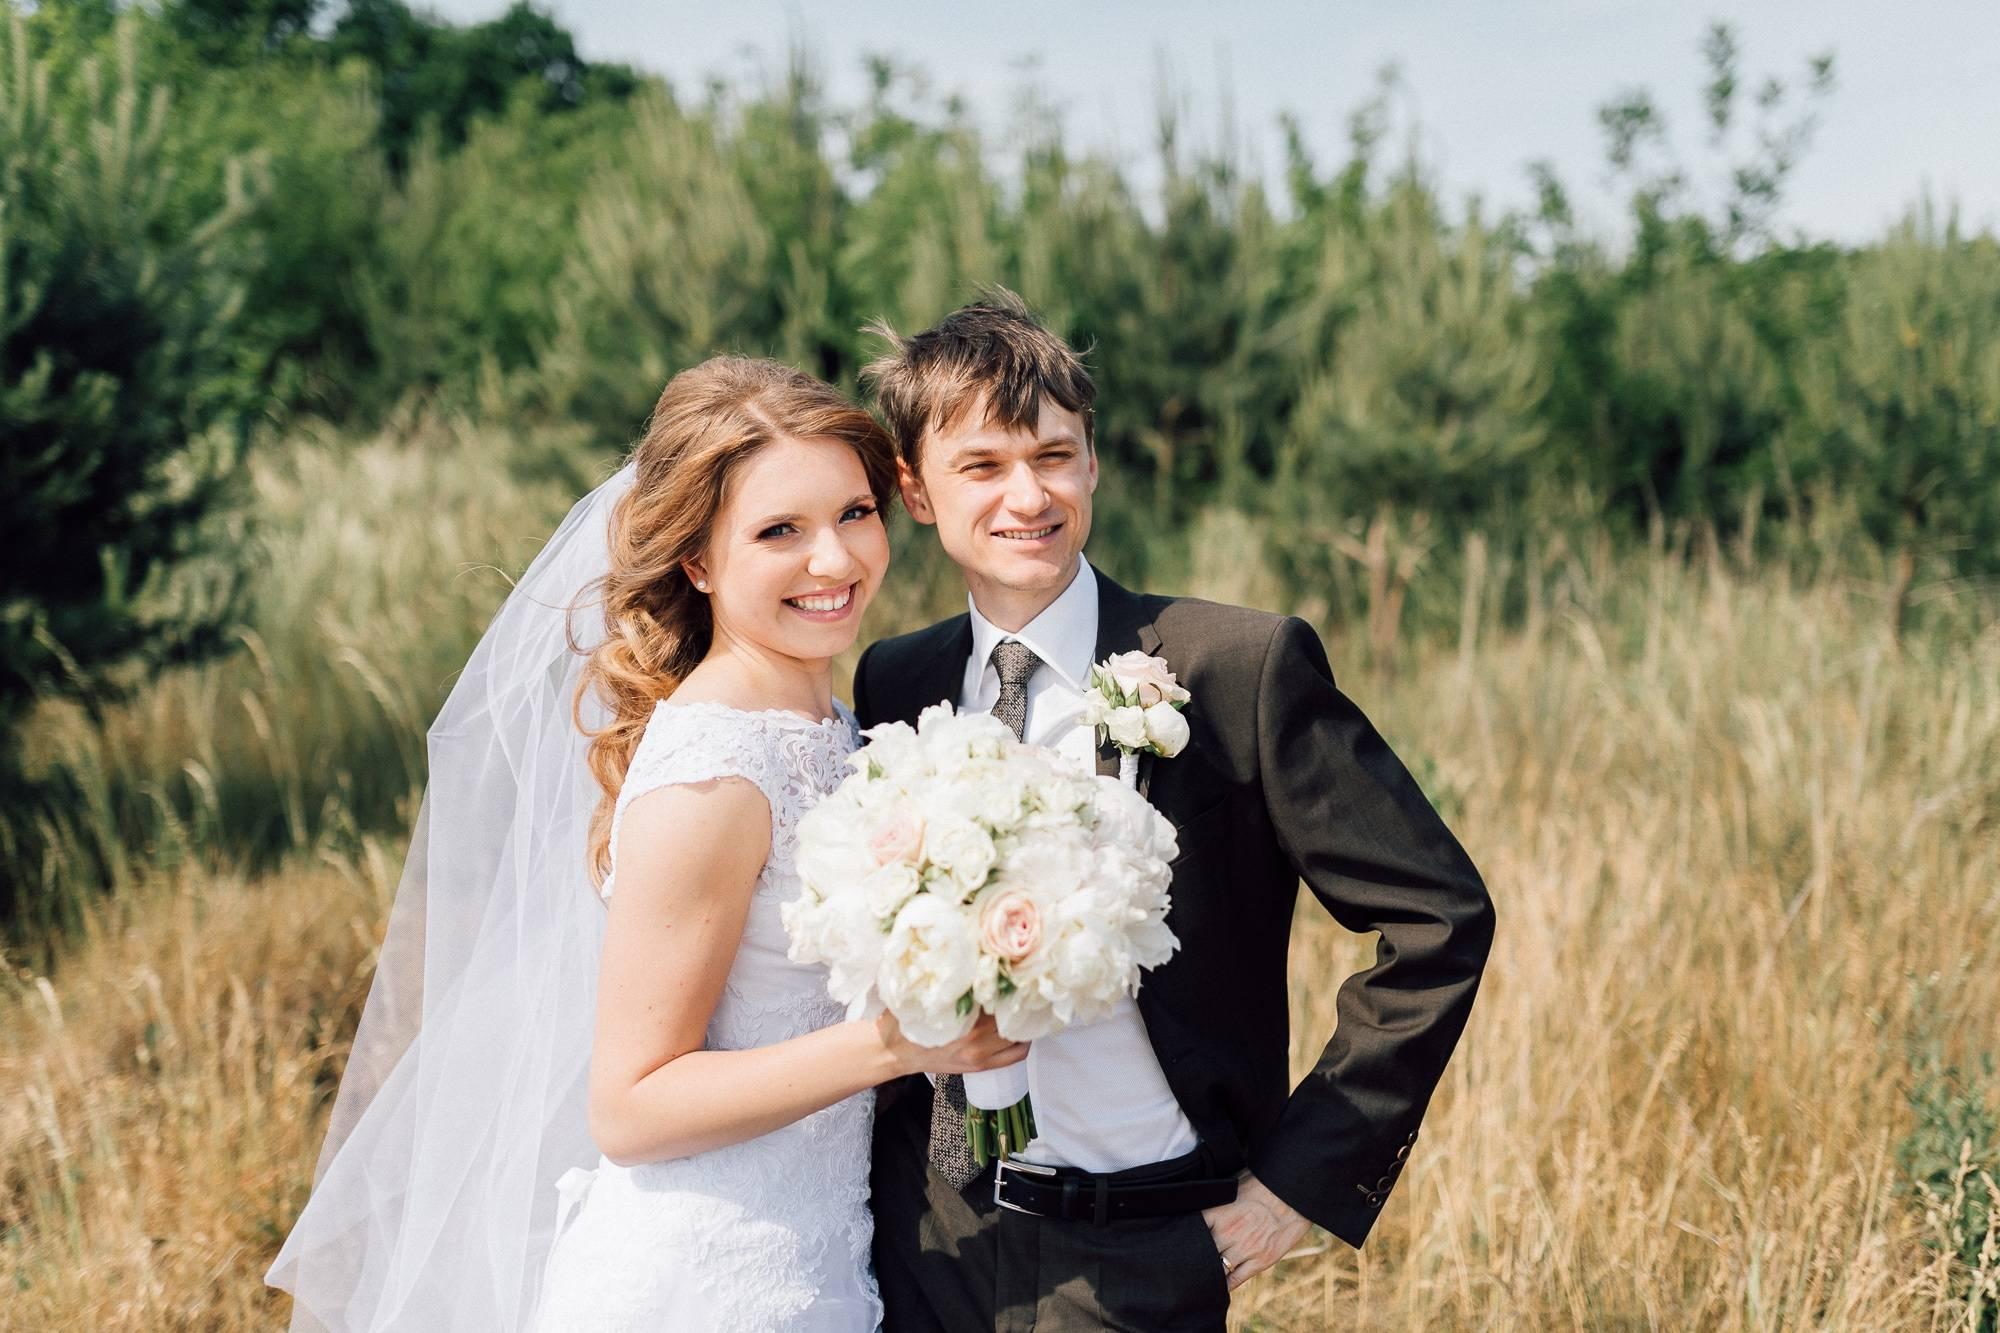 Подготовка жениха к свадьбе: какие расходы берут на себя жених и его родители